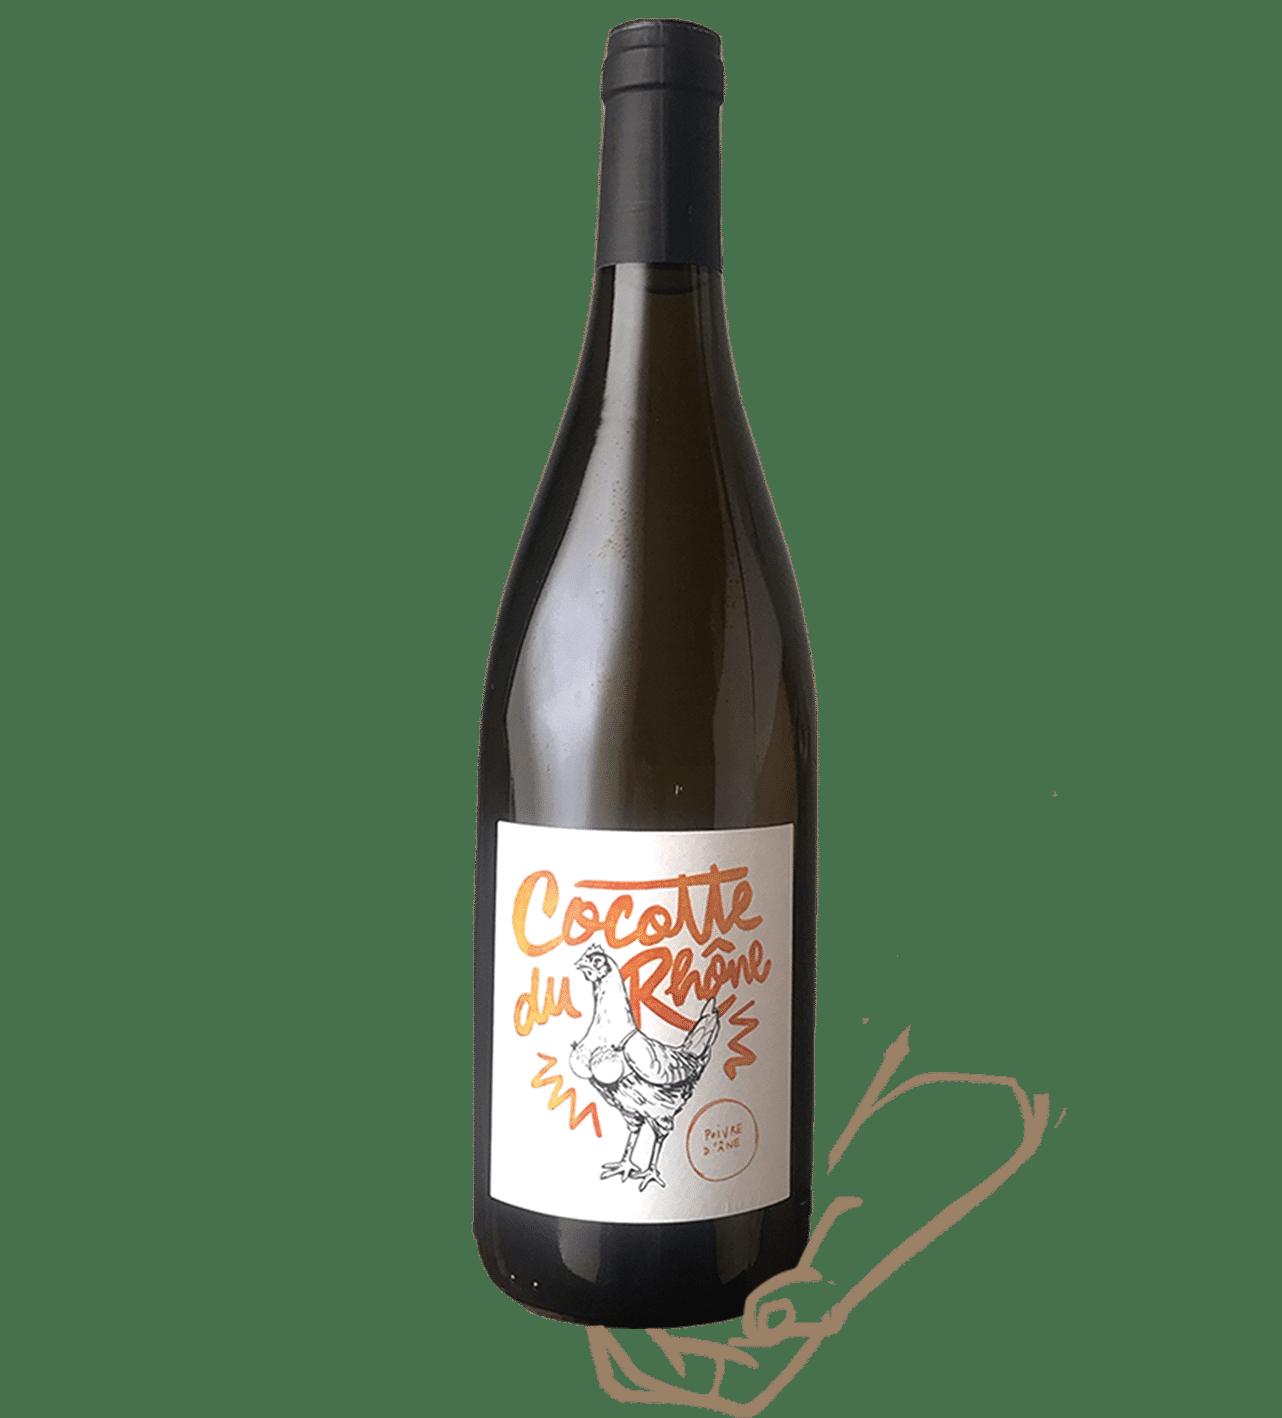 Cocotte du rhône est un vin de Poivre d'ane